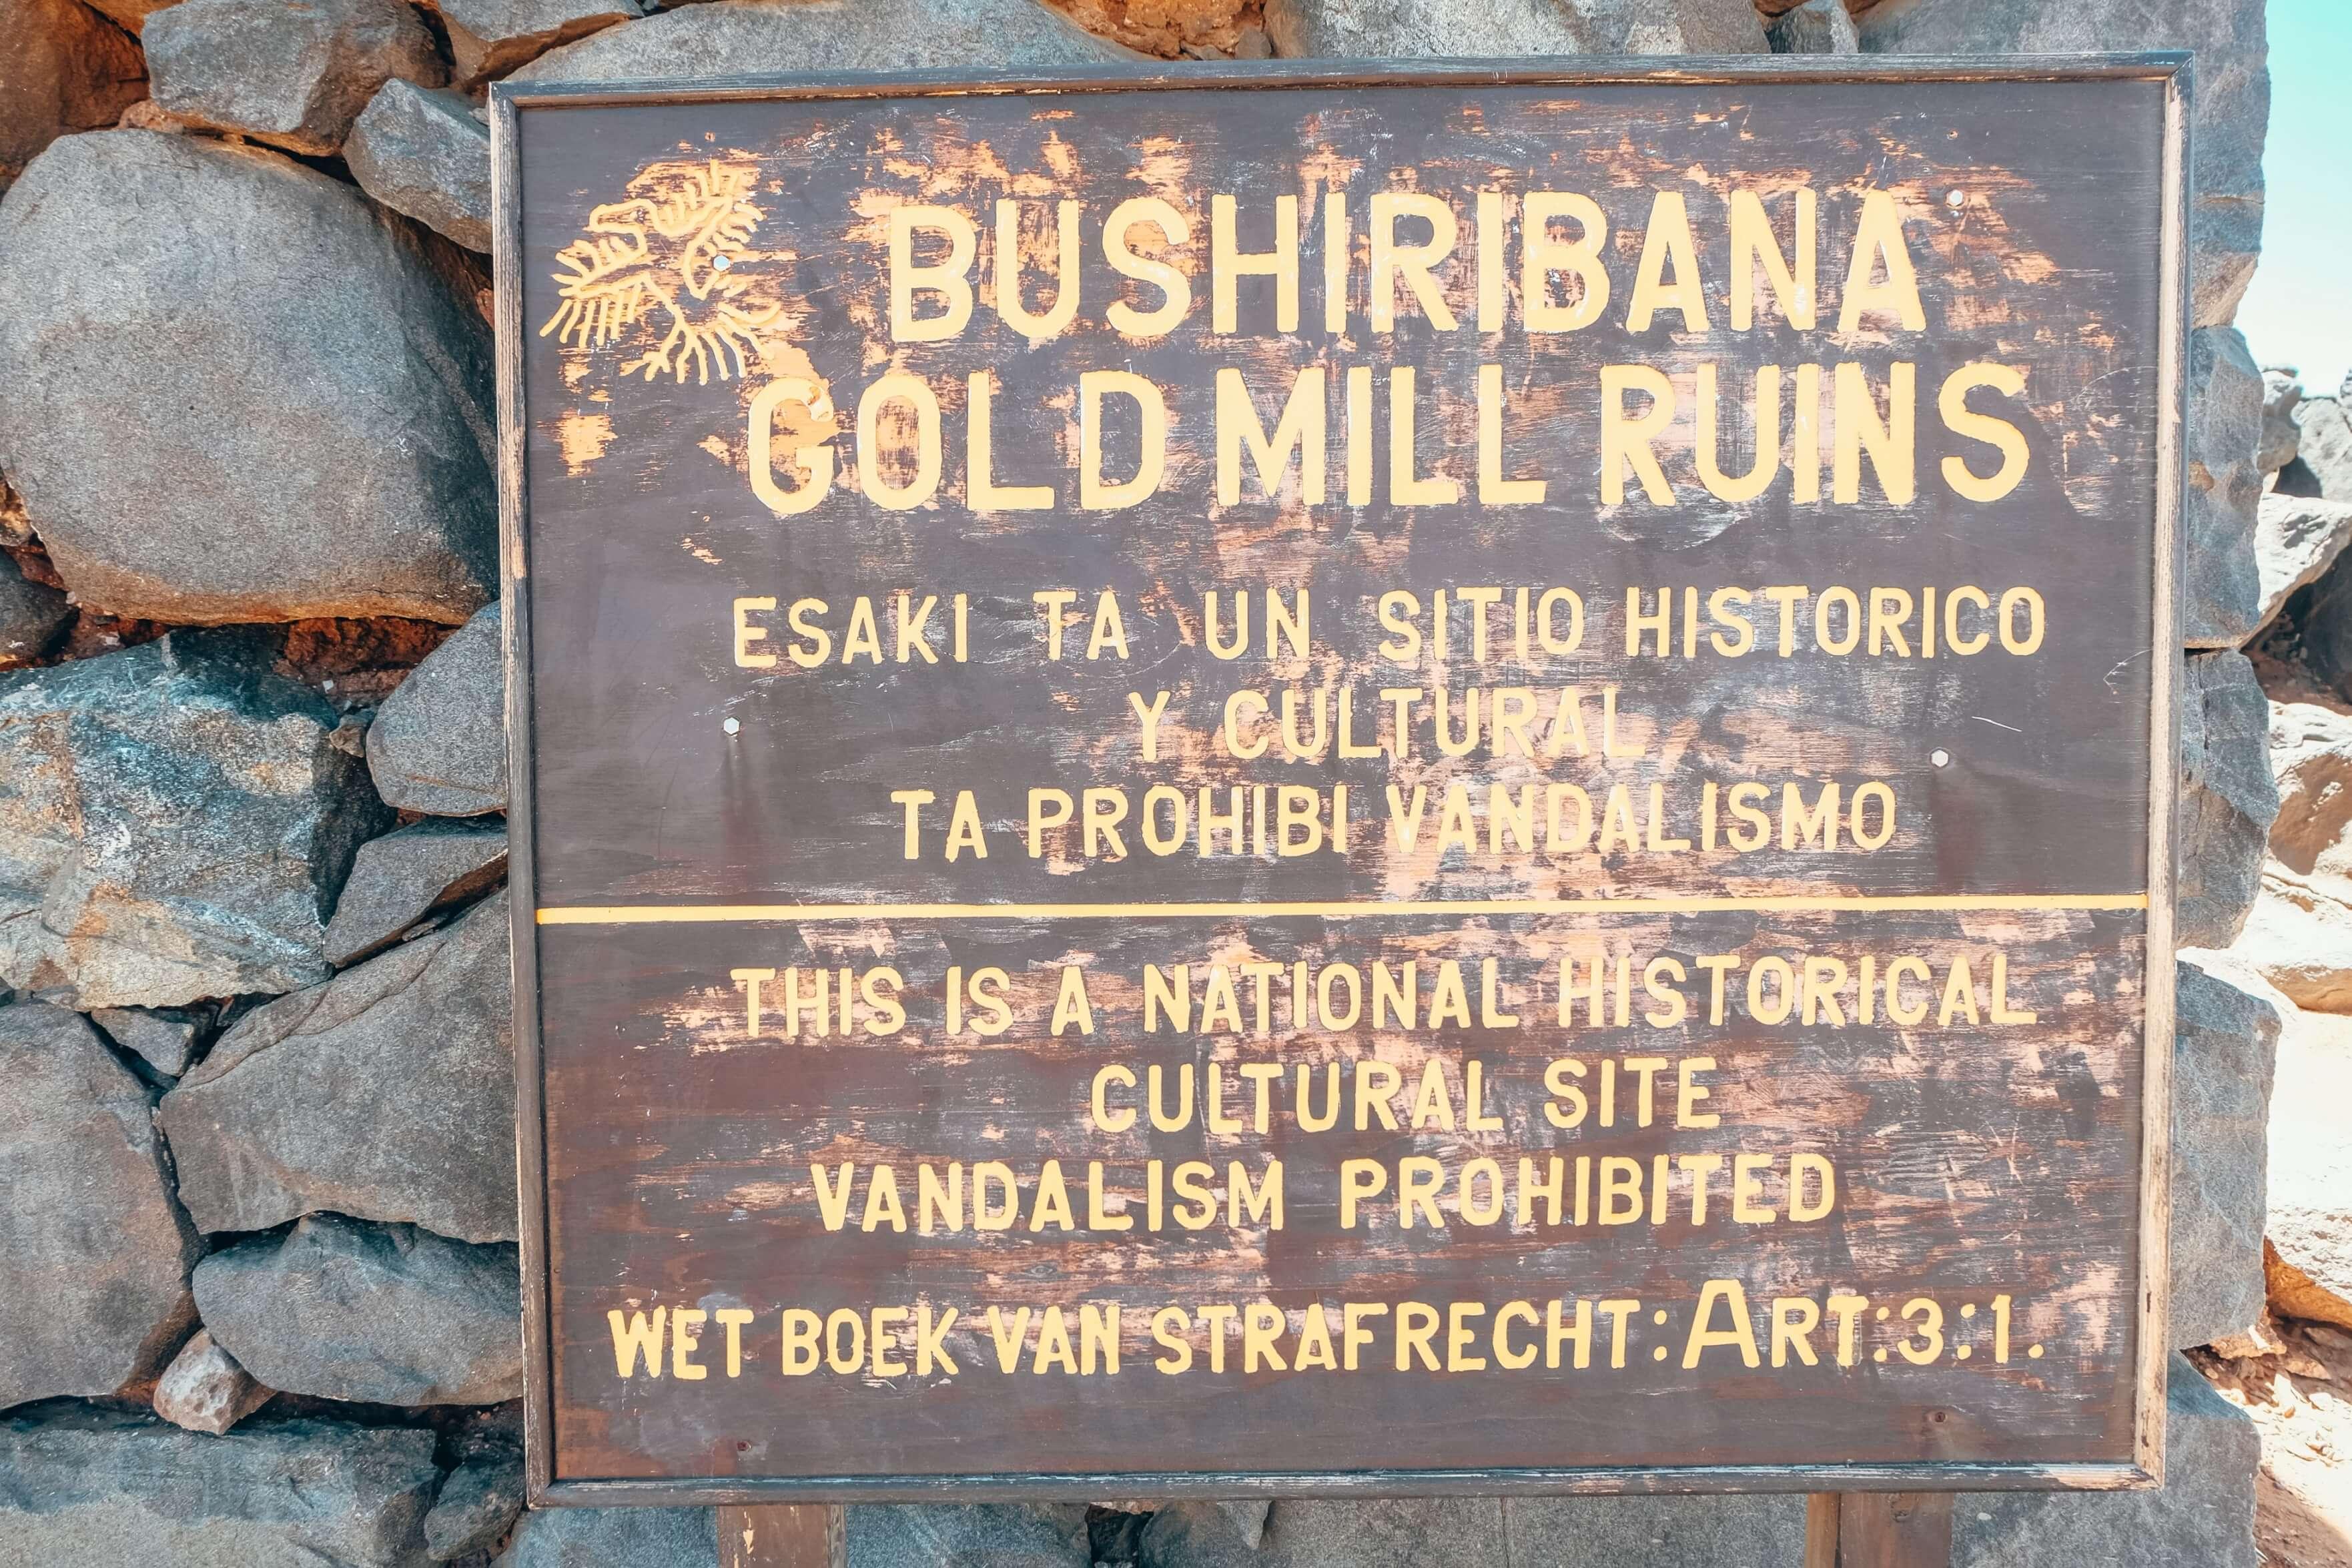 BUSHIRIBANA